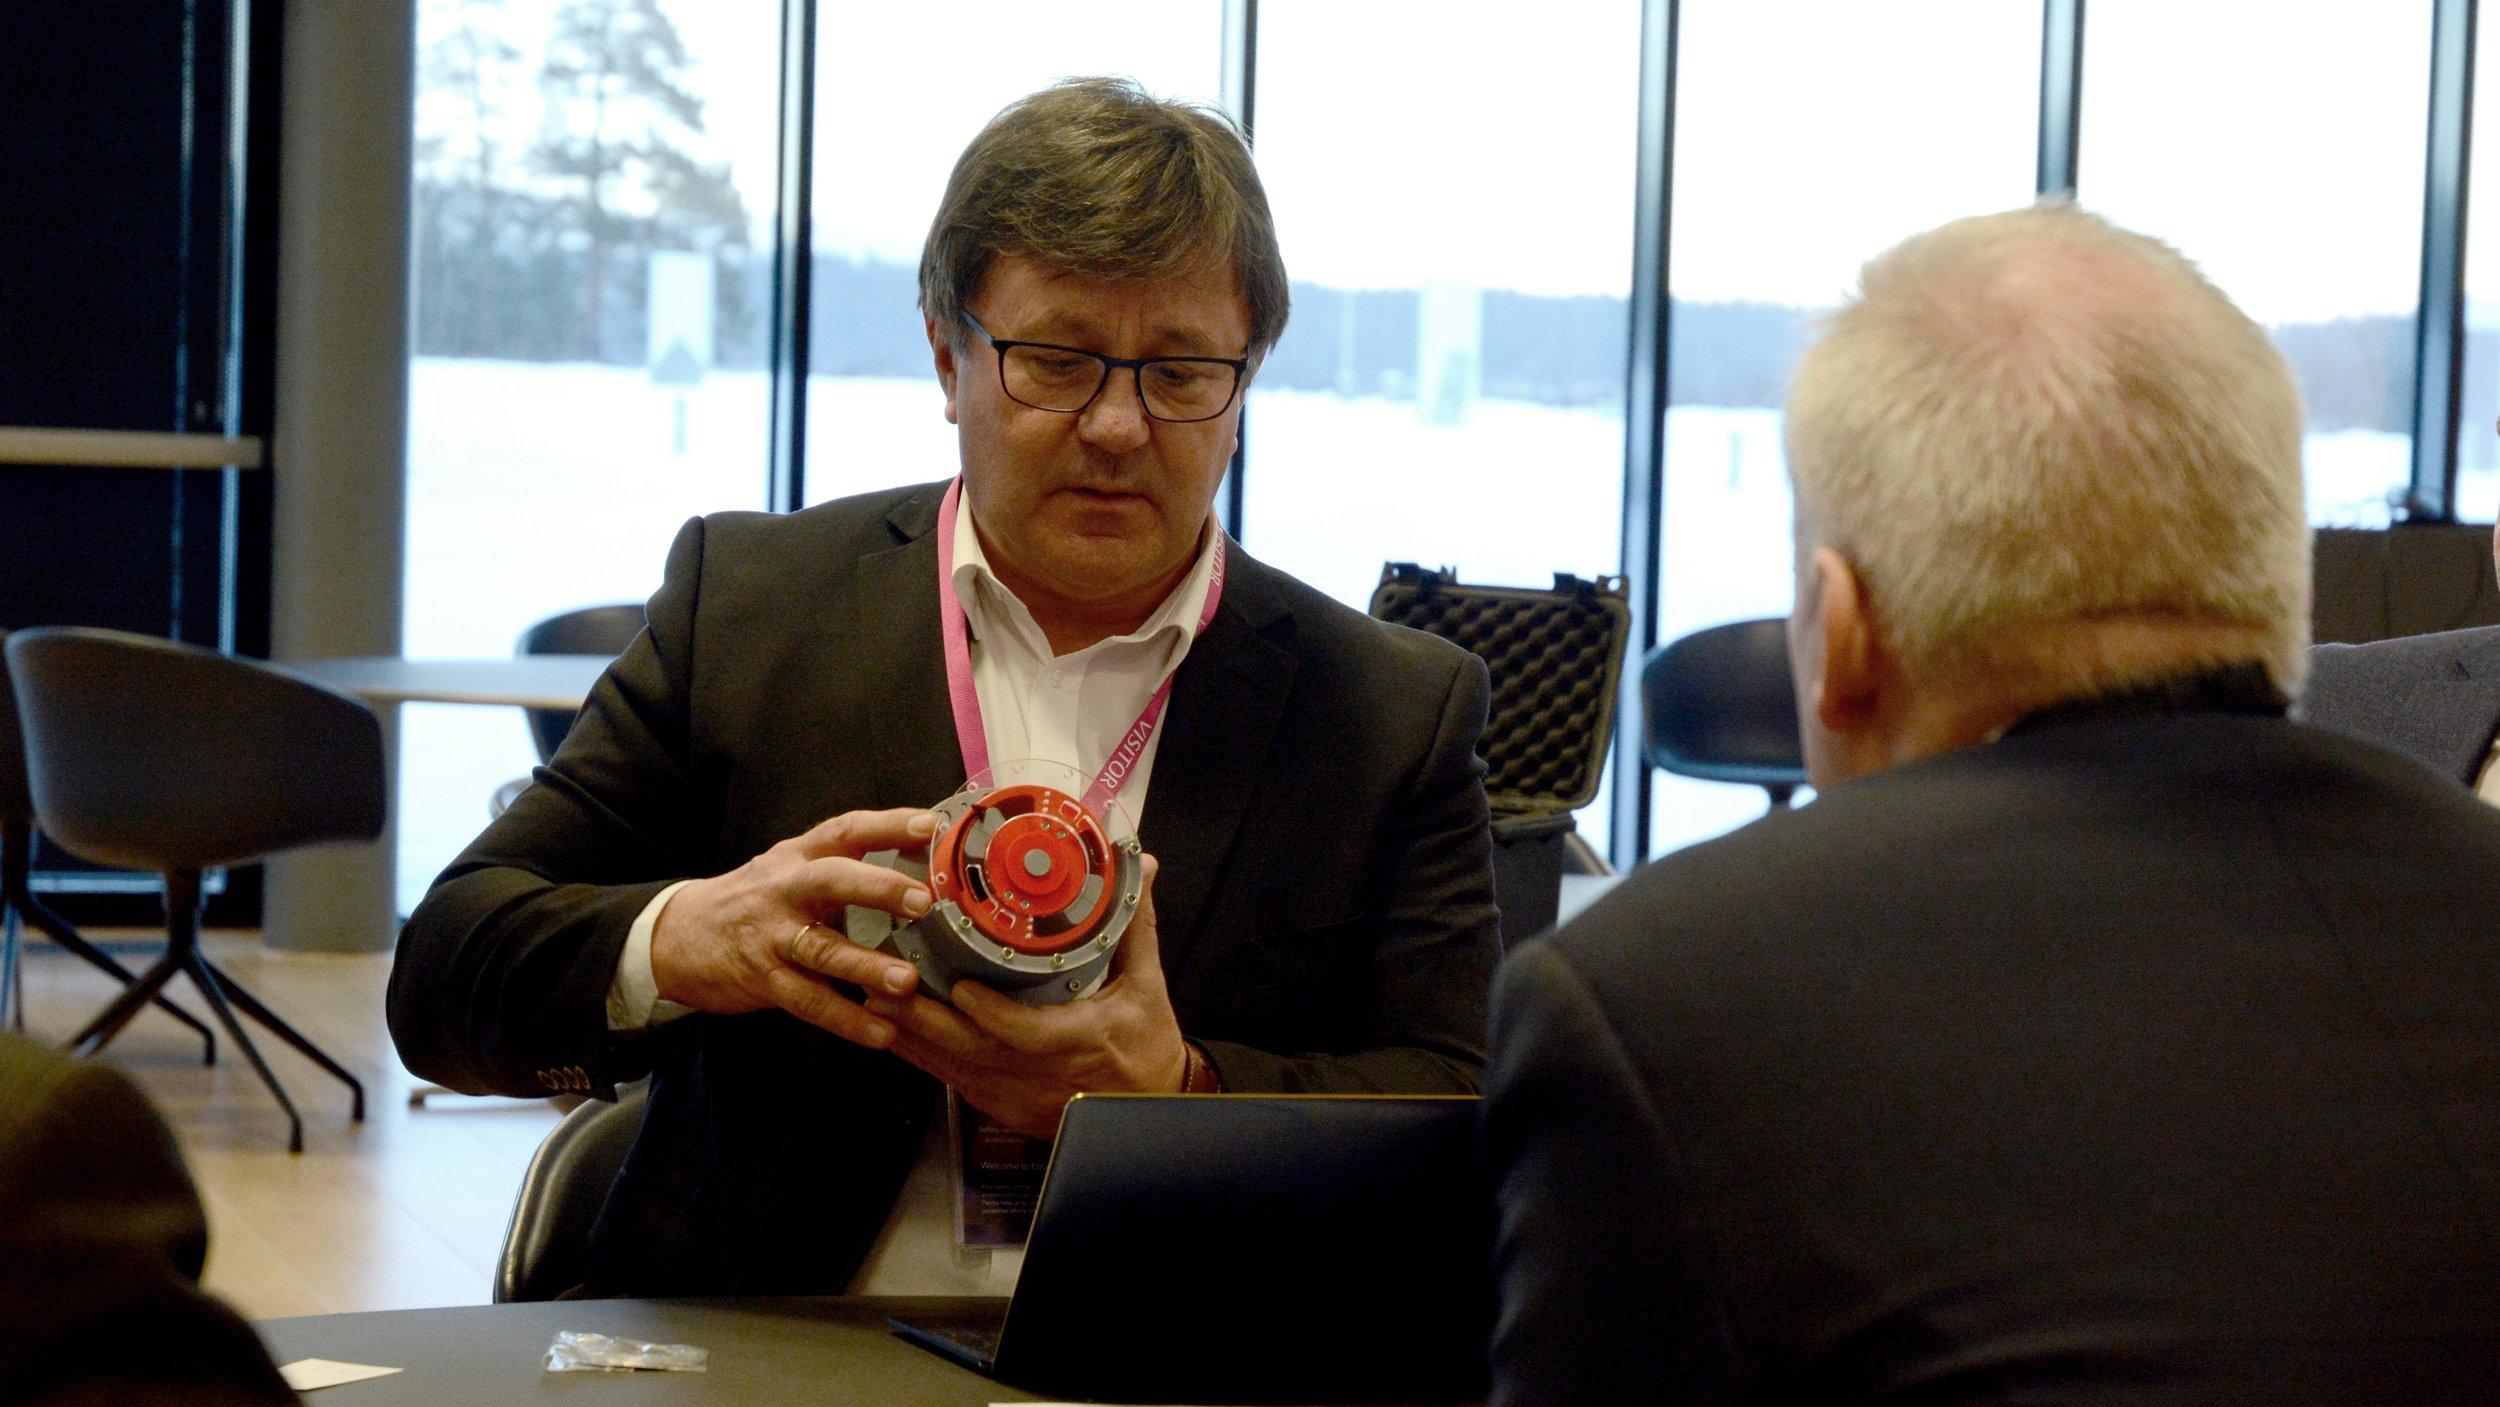 Teknologidirektør i Equinor, Anders Opedal, følger interessert med når Tor Arne Hauge forklarer hva som er unikt med vår teknologi.  Foto: Ina Steen Andersen  www.tu.no